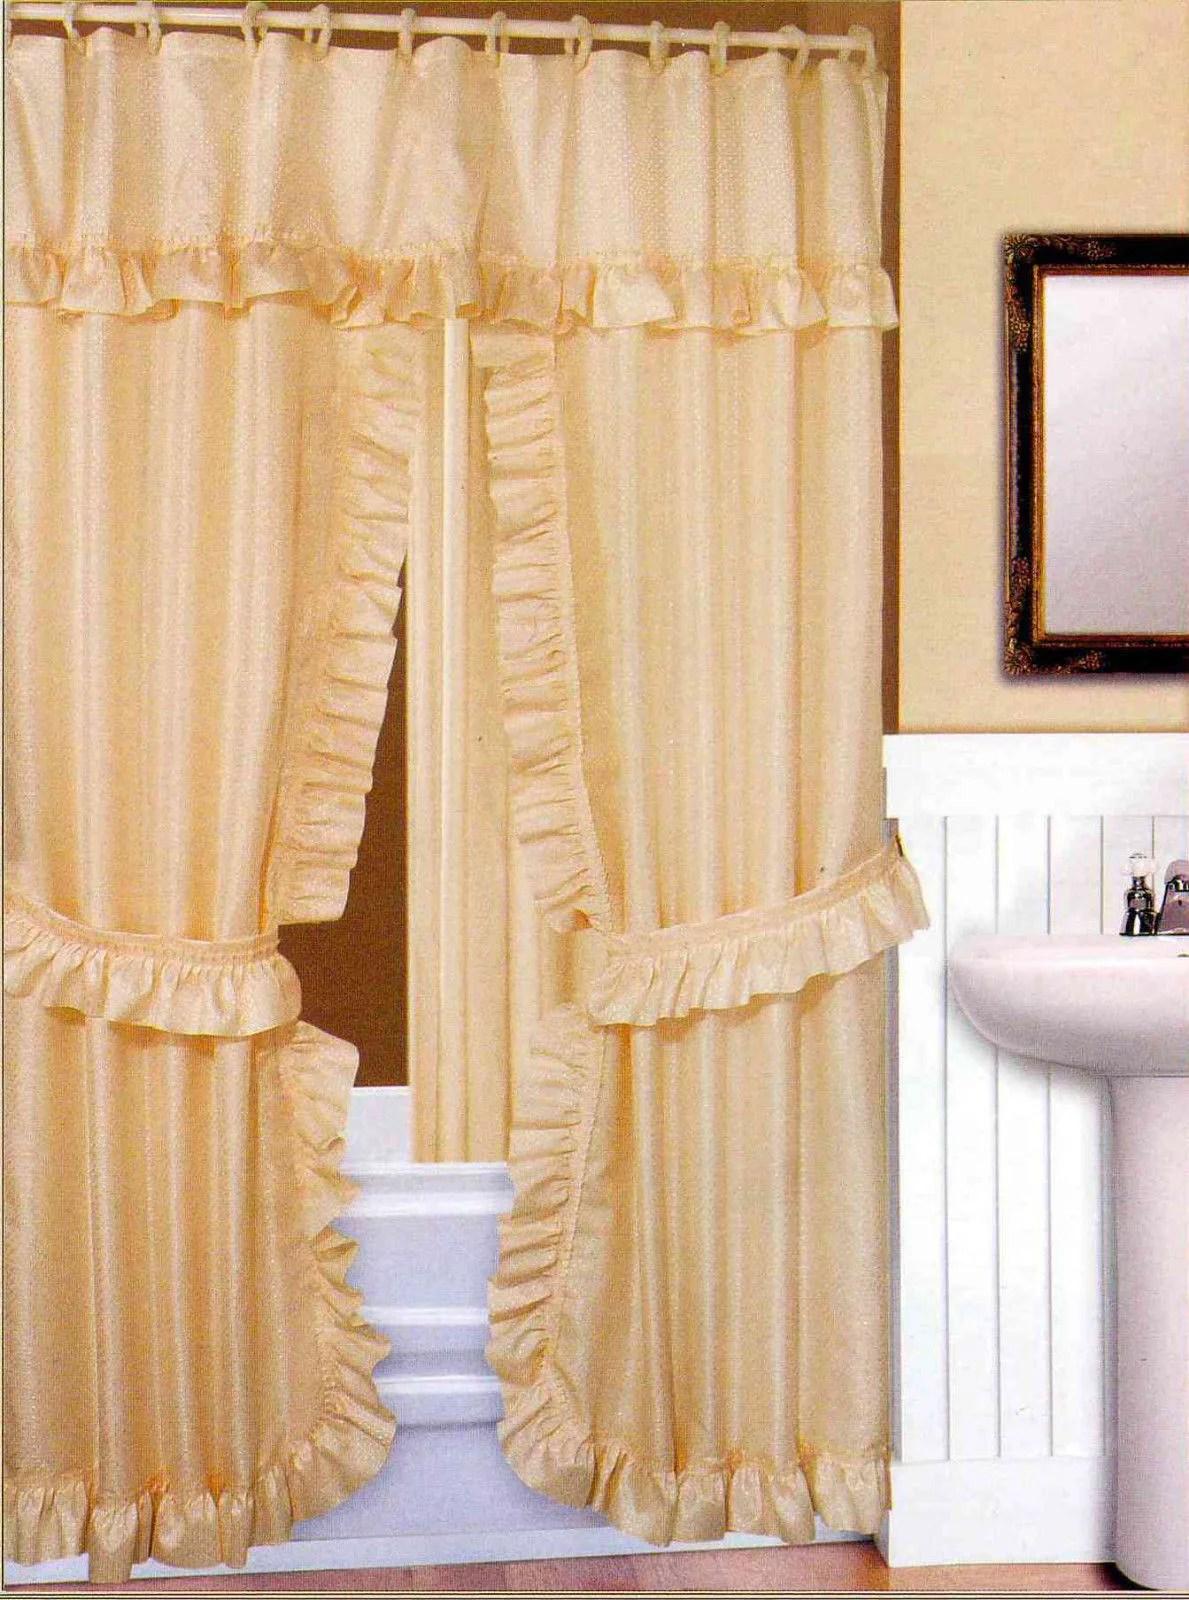 double swag fabric shower curtain vinyl liner shower rings dobby dot design beige